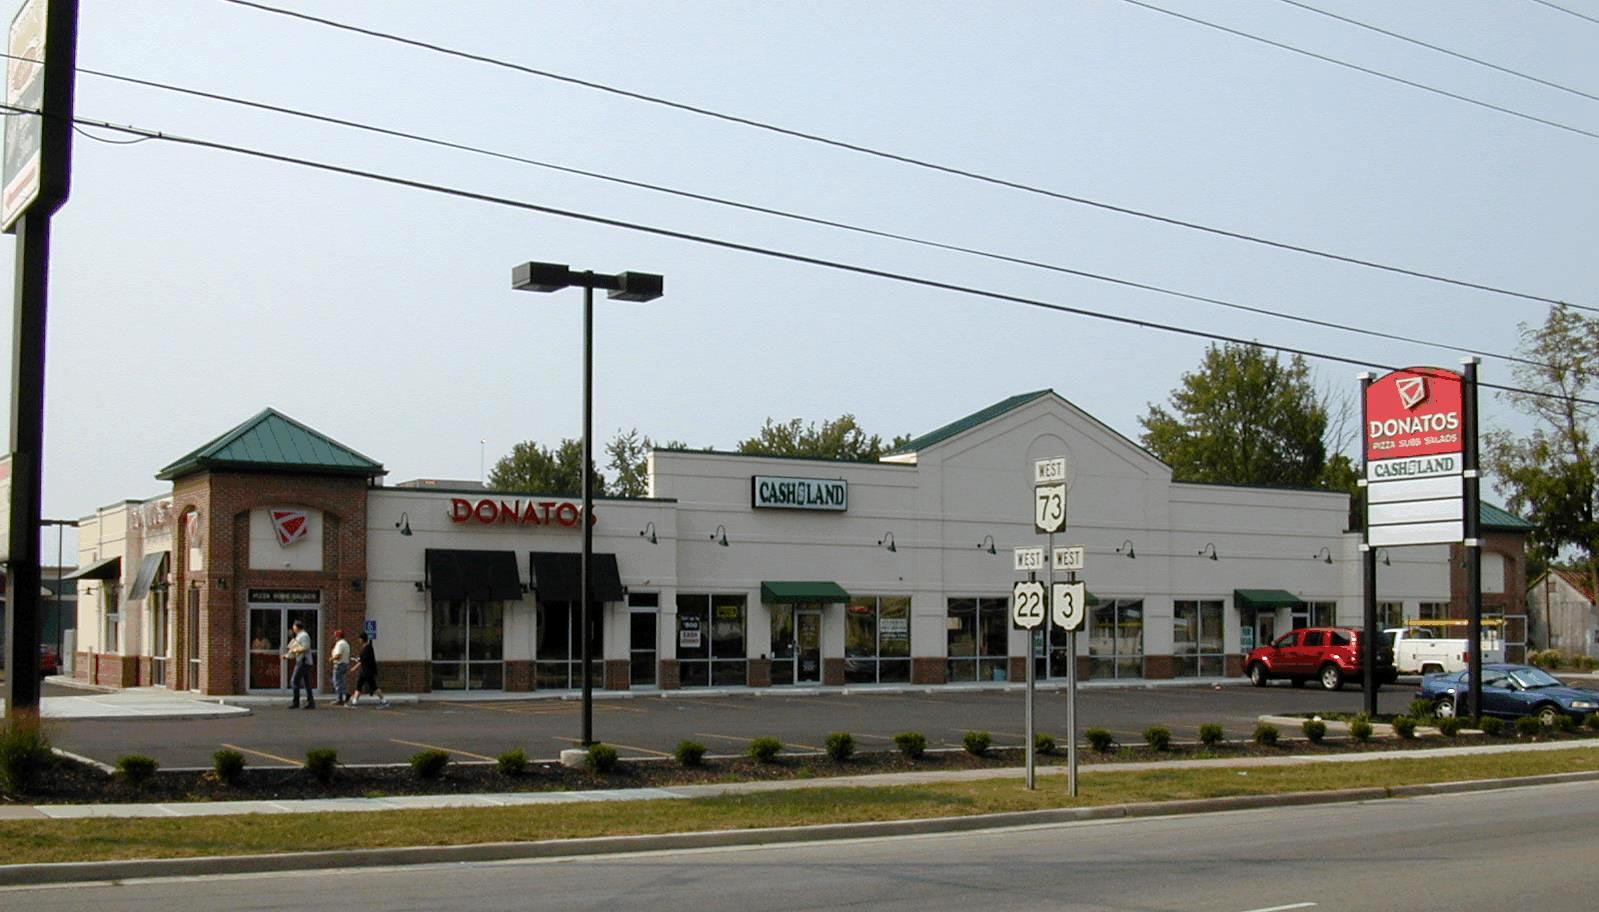 Donato's Shopping Center in Wilmington, Ohio